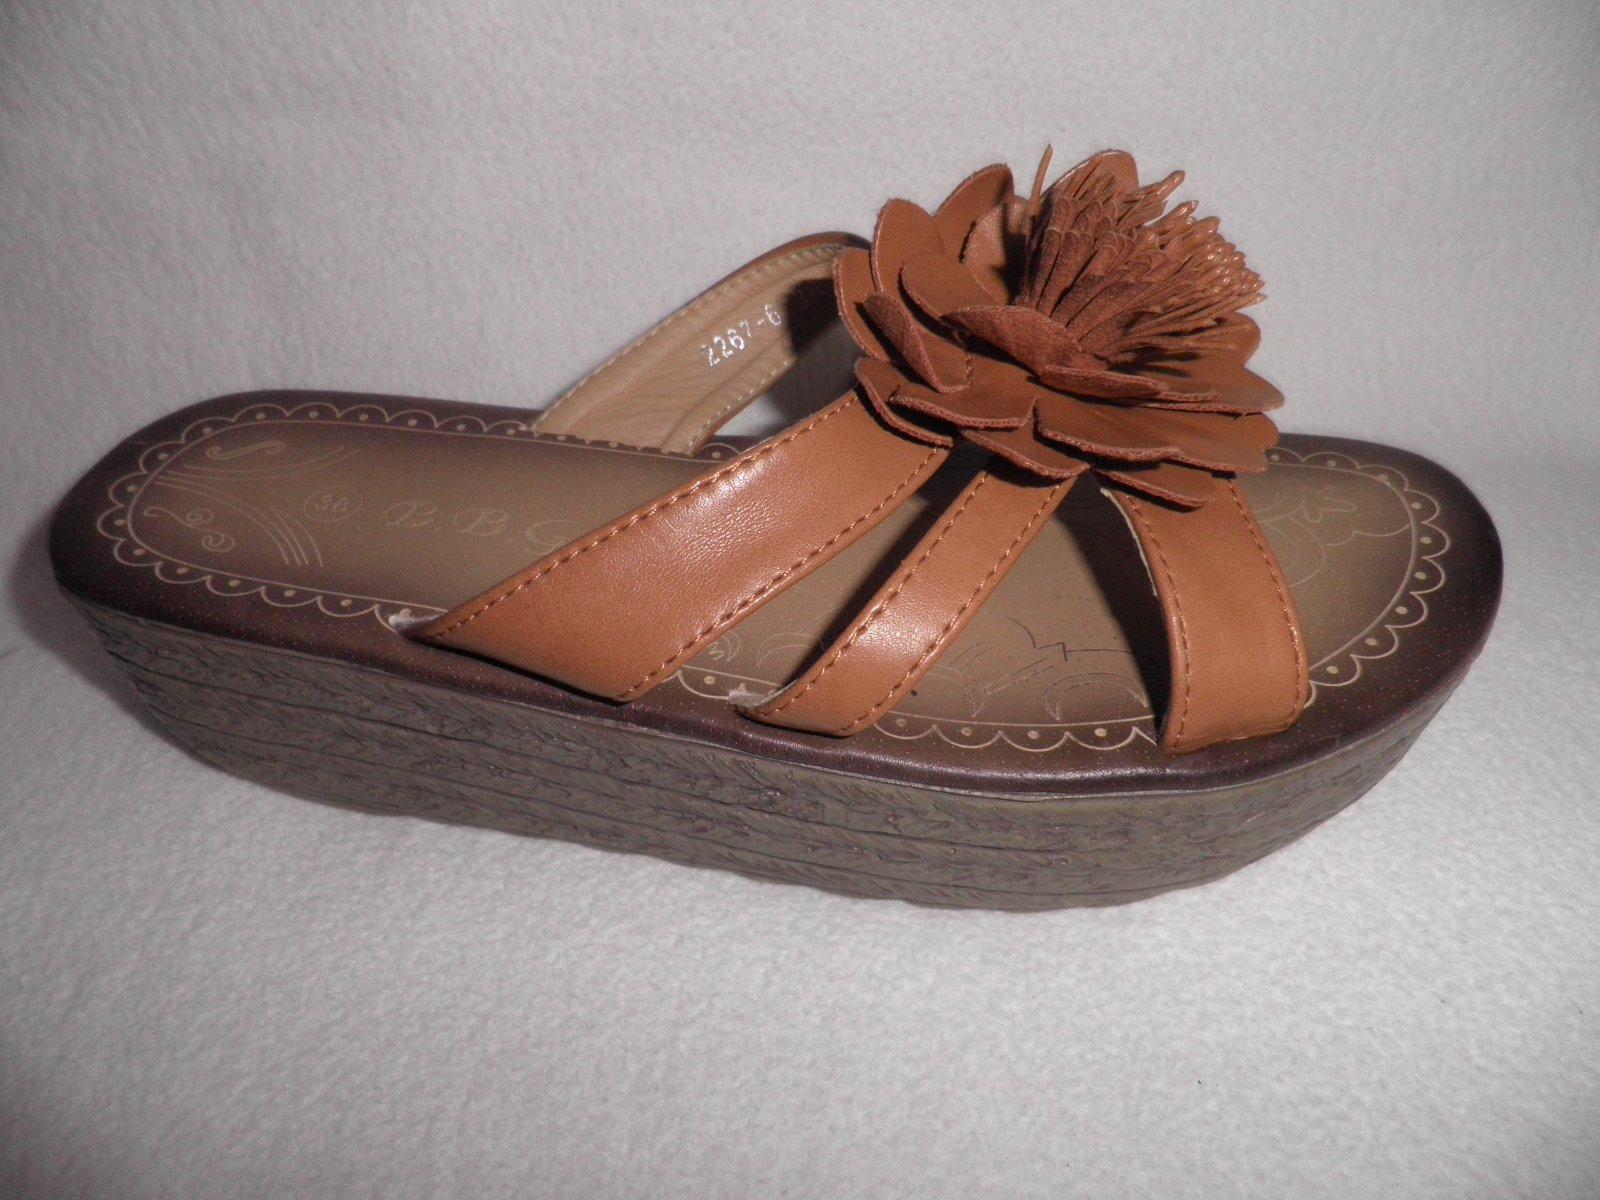 6dff3e6312 Pekné dámske letné sandále